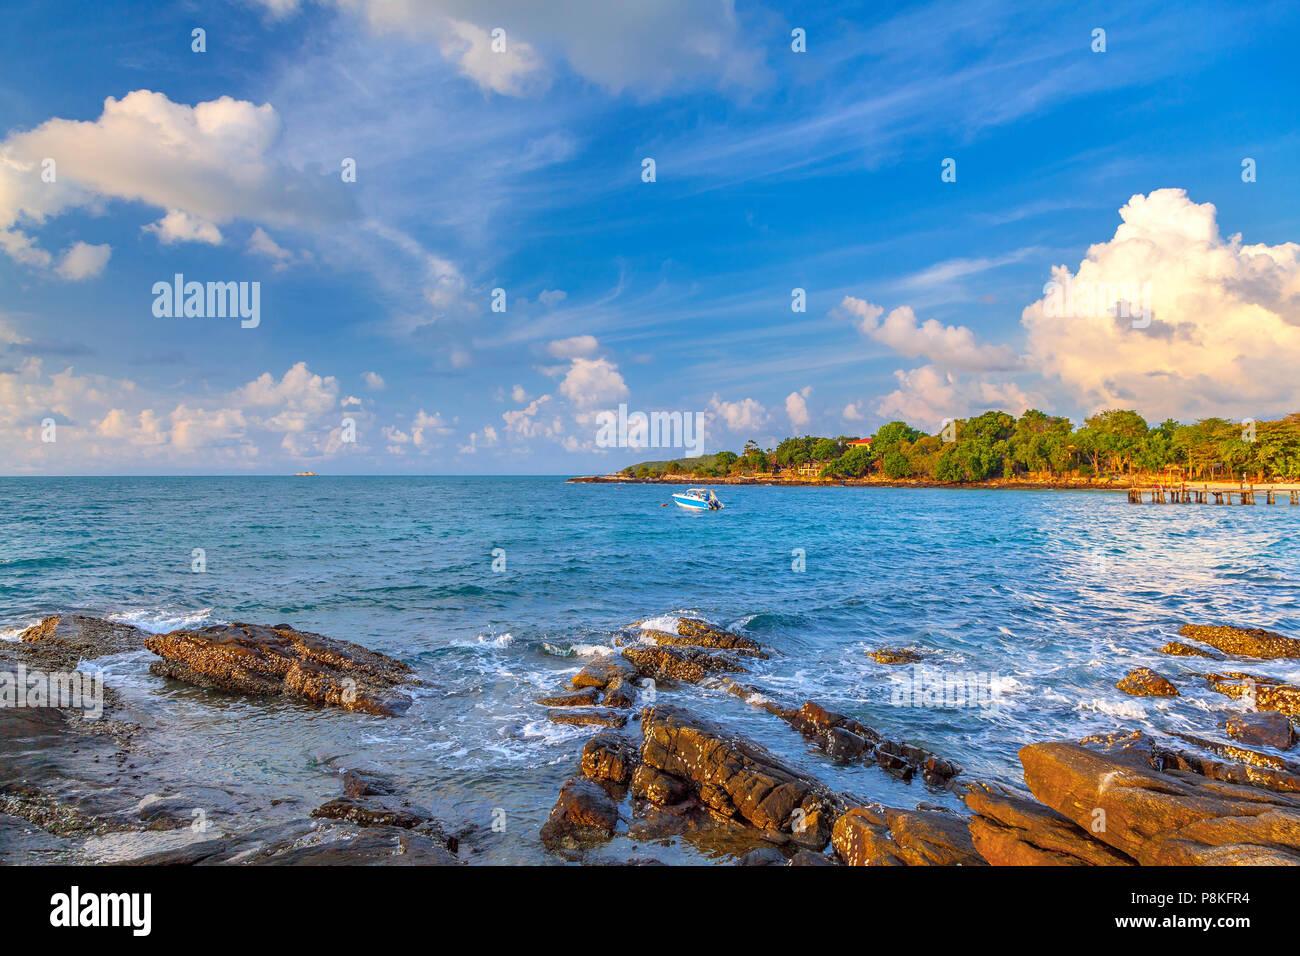 Lever du soleil sur l'île de Koh Samad en Thaïlande. Banque D'Images